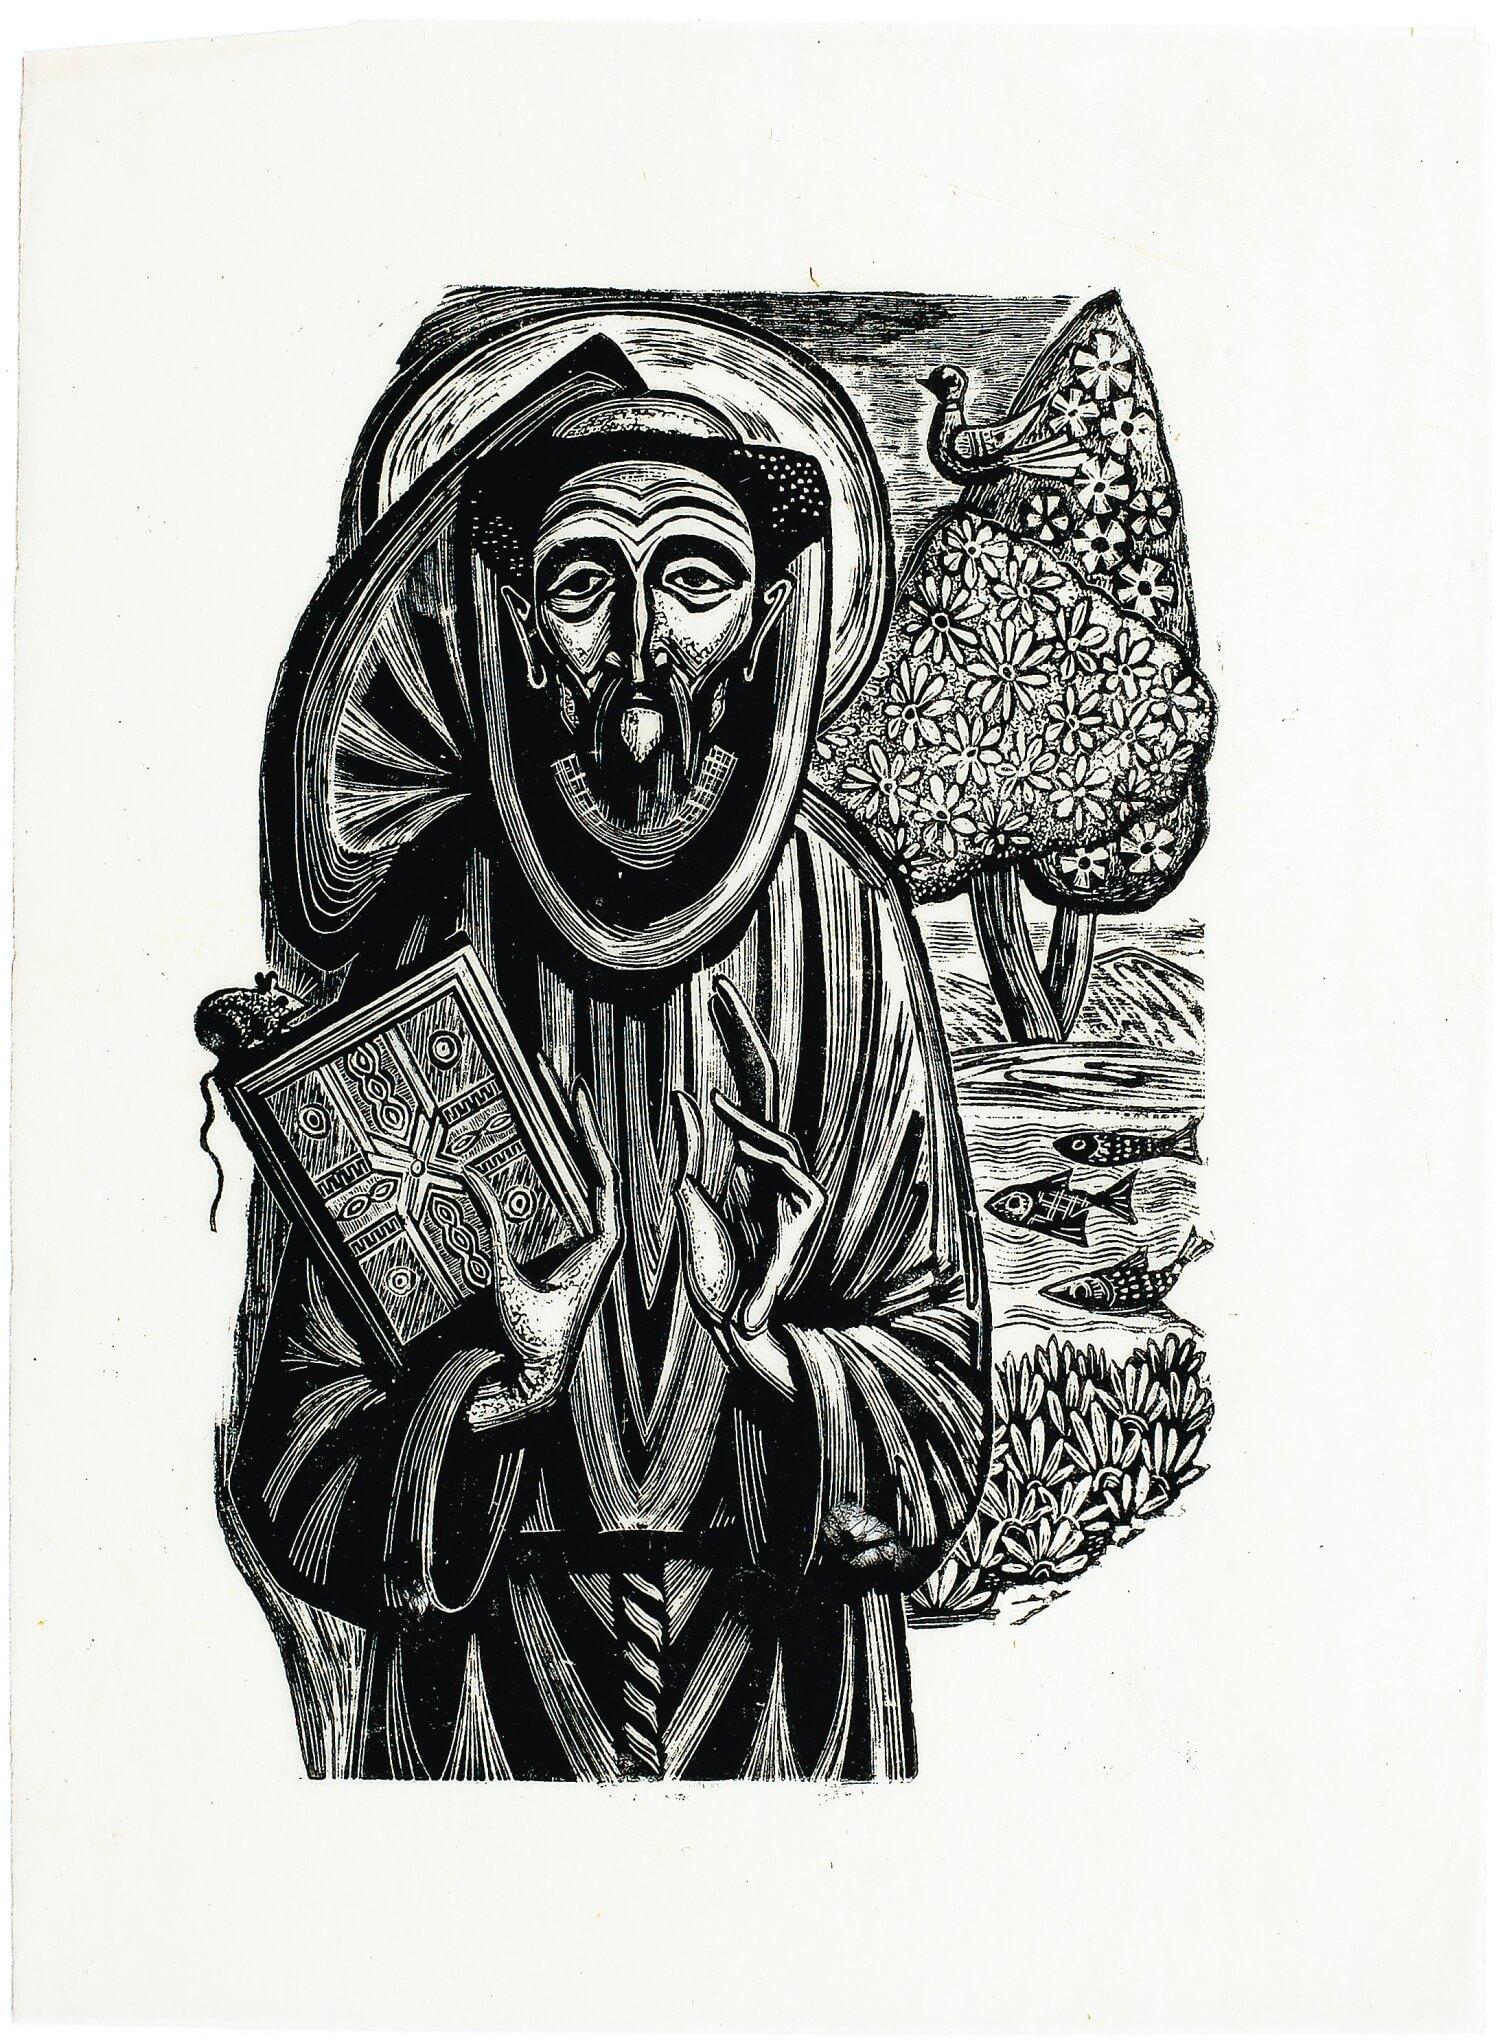 Maria Hiszpańska, Franciszek z Asyżu